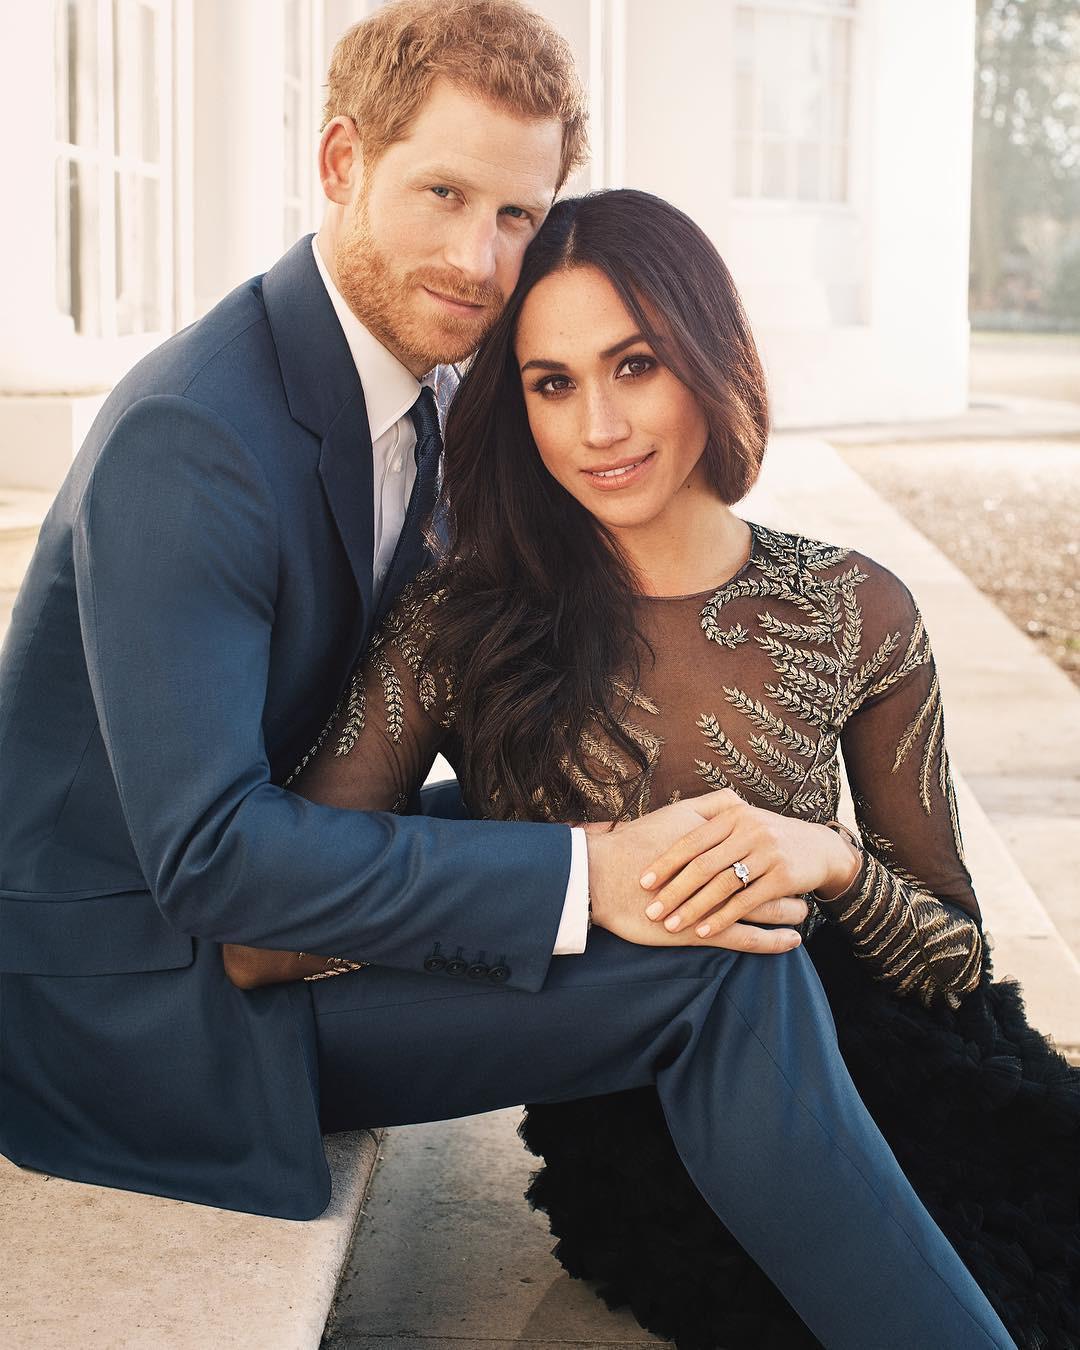 Hôn thê của hoàng tử Harry lại chơi lớn, mua hẳn váy 1,7 tỷ đồng để chụp ảnh đính hôn - Ảnh 2.